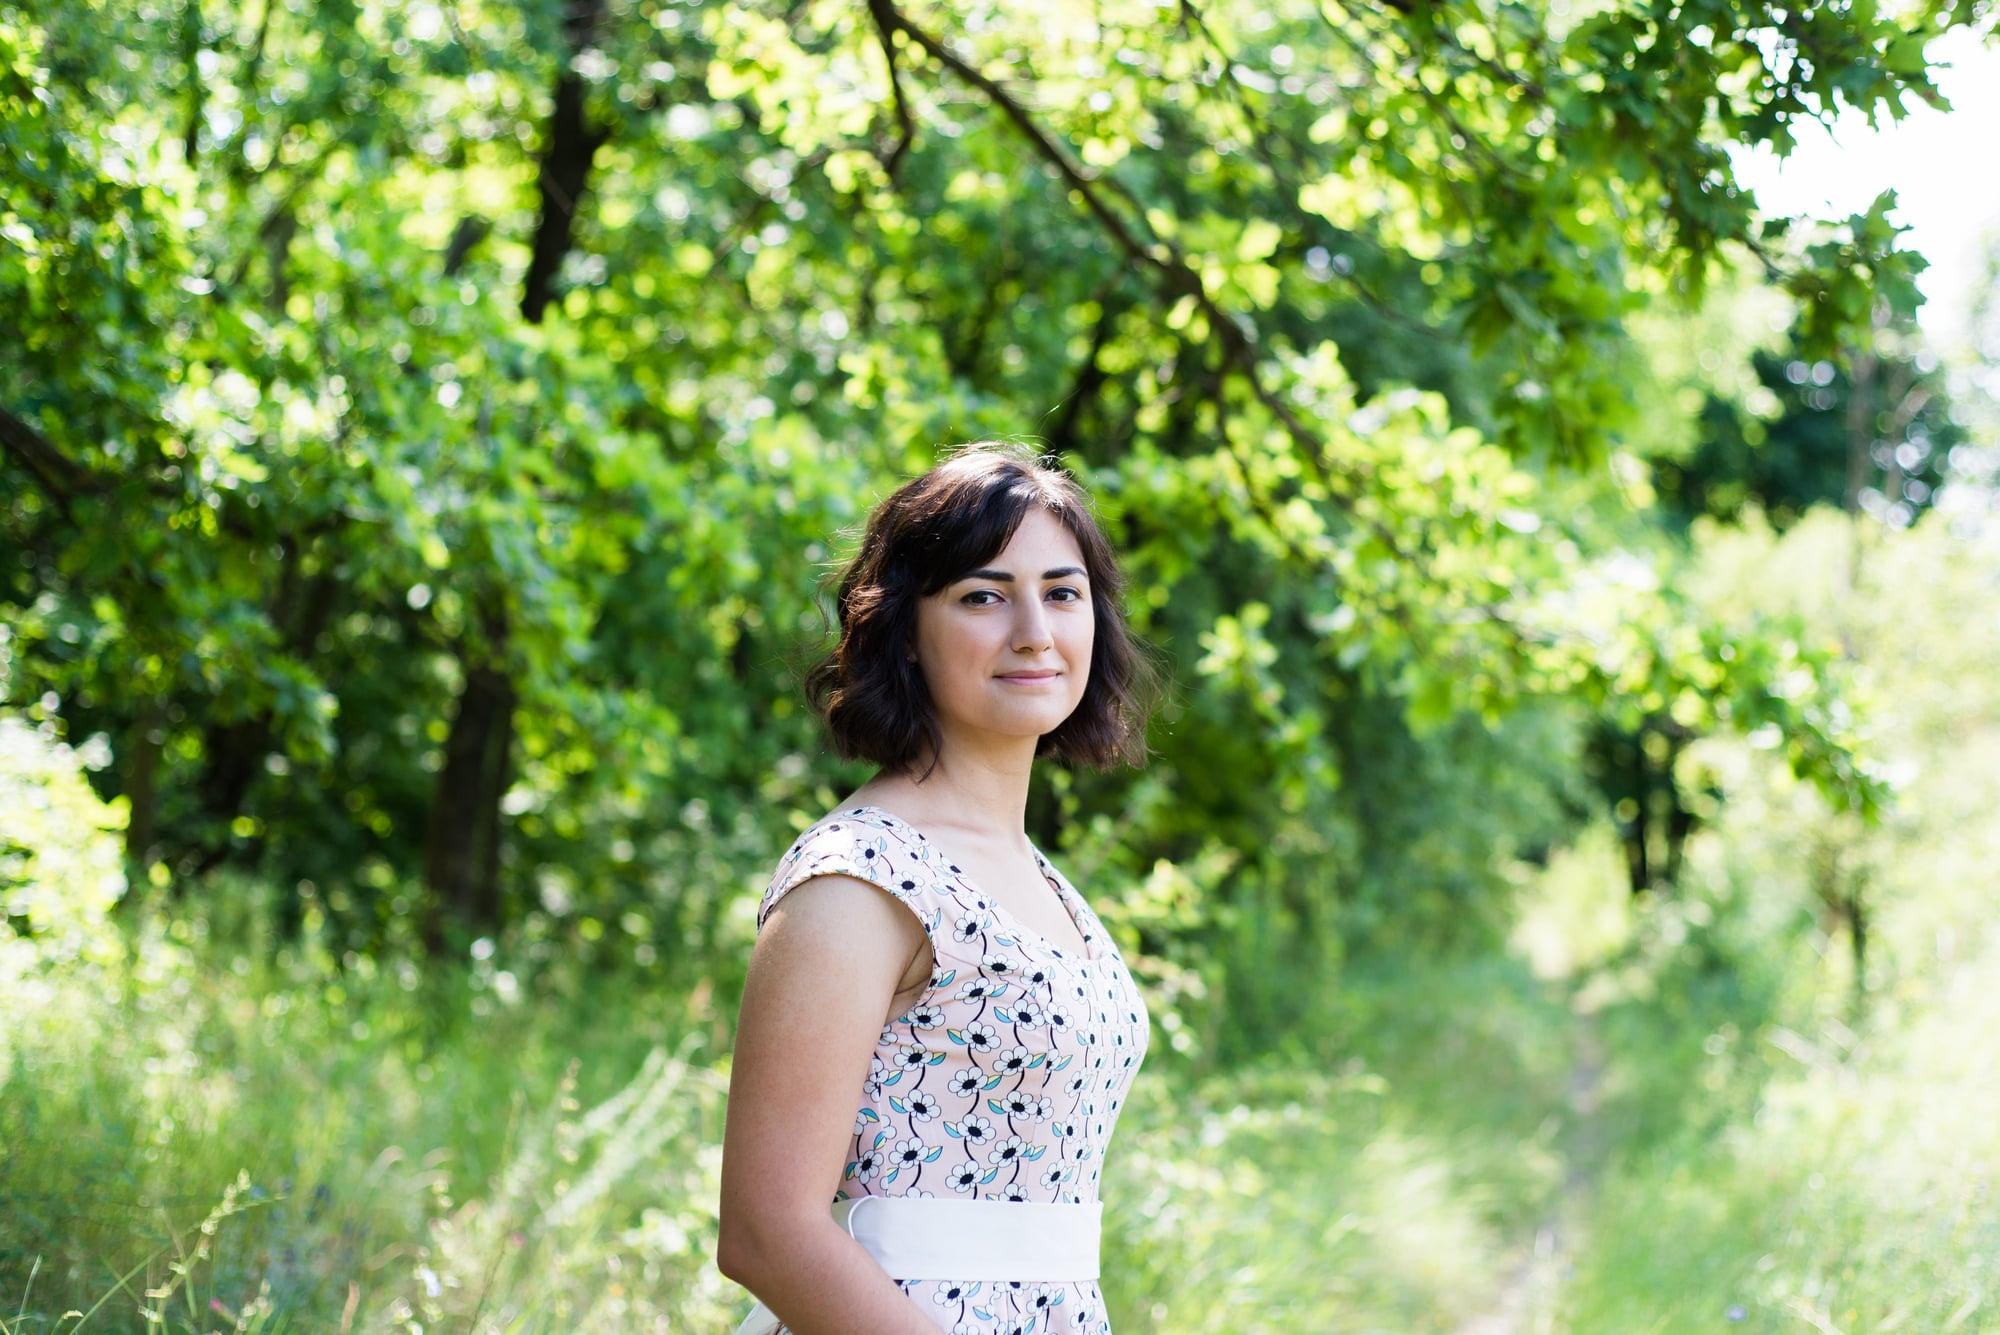 Фотосессия Love Story в Киеве - молодая жена - Фотограф Женя Лайт